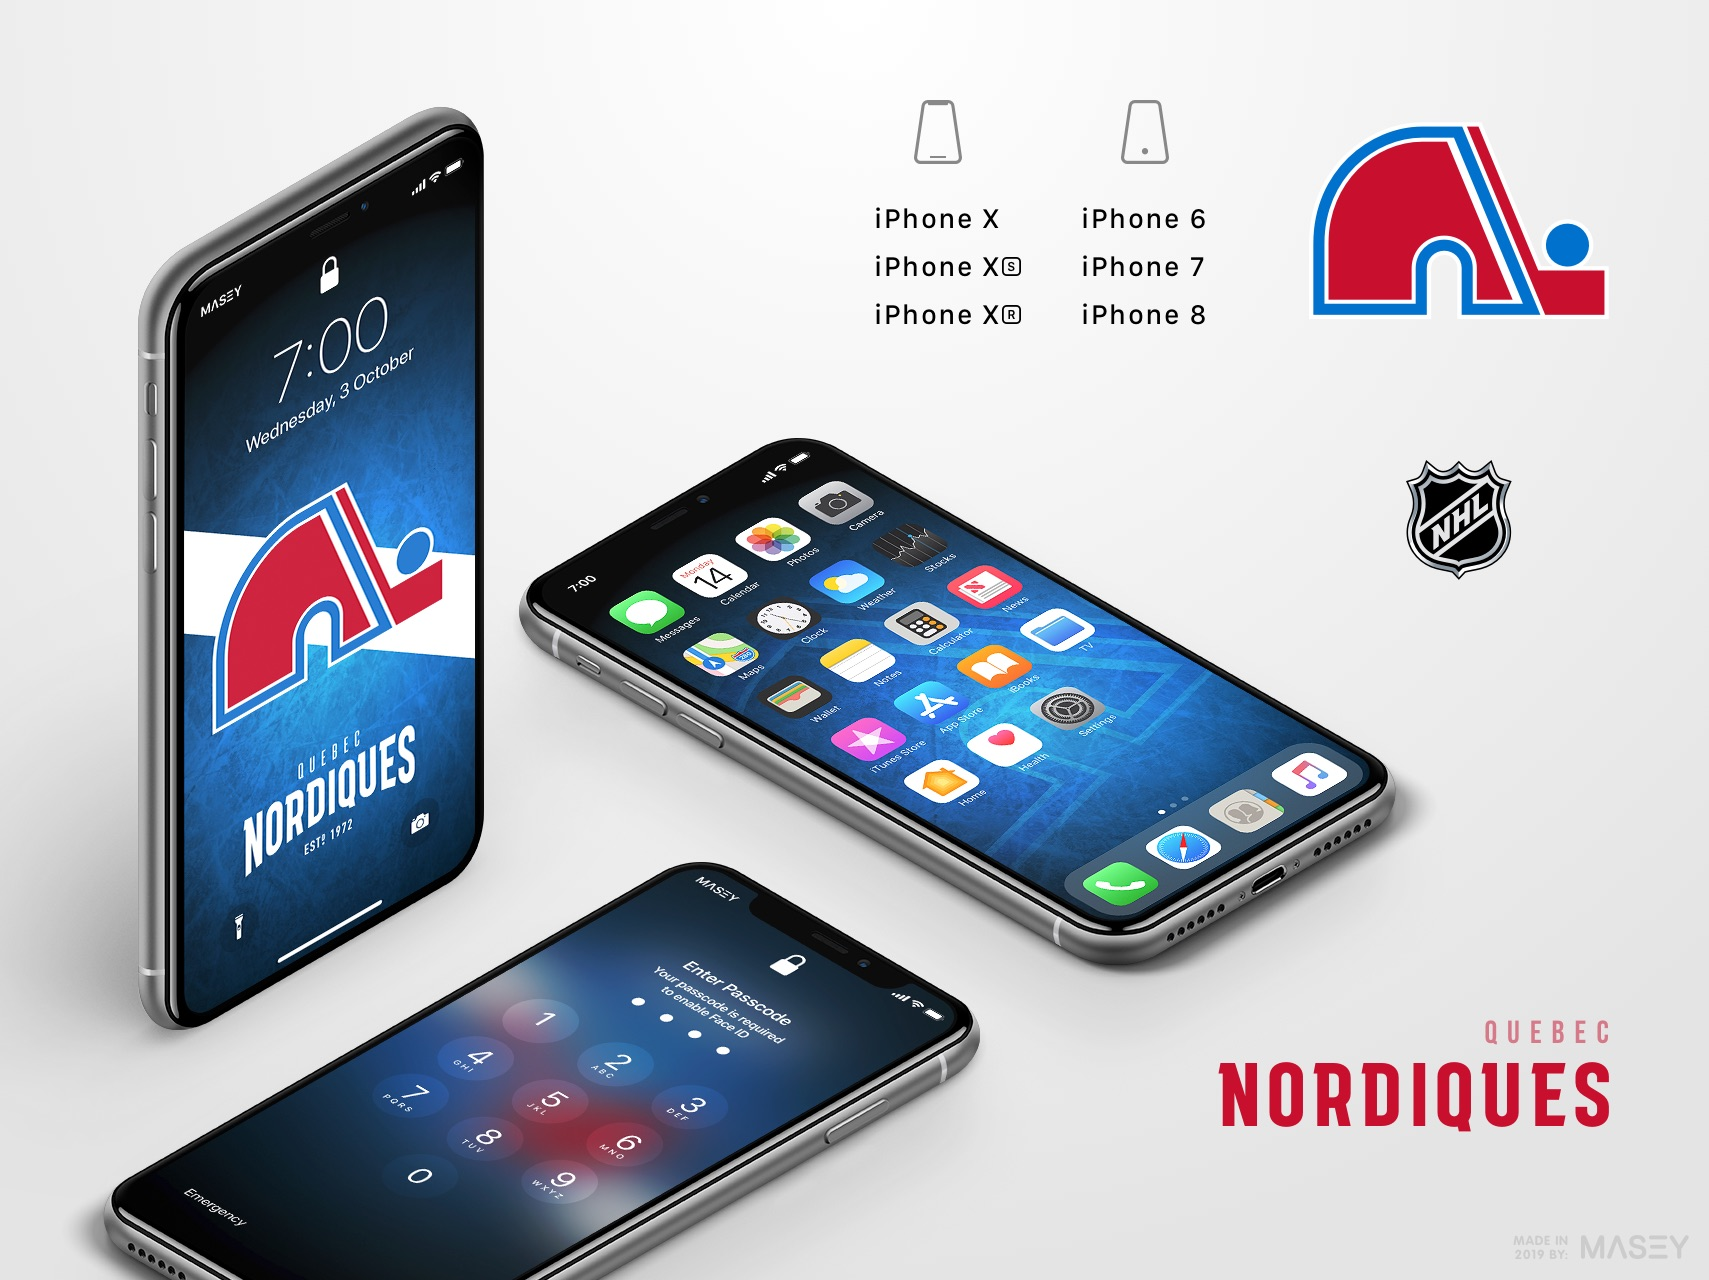 Quebec Nordiques iPhone Wallpaper